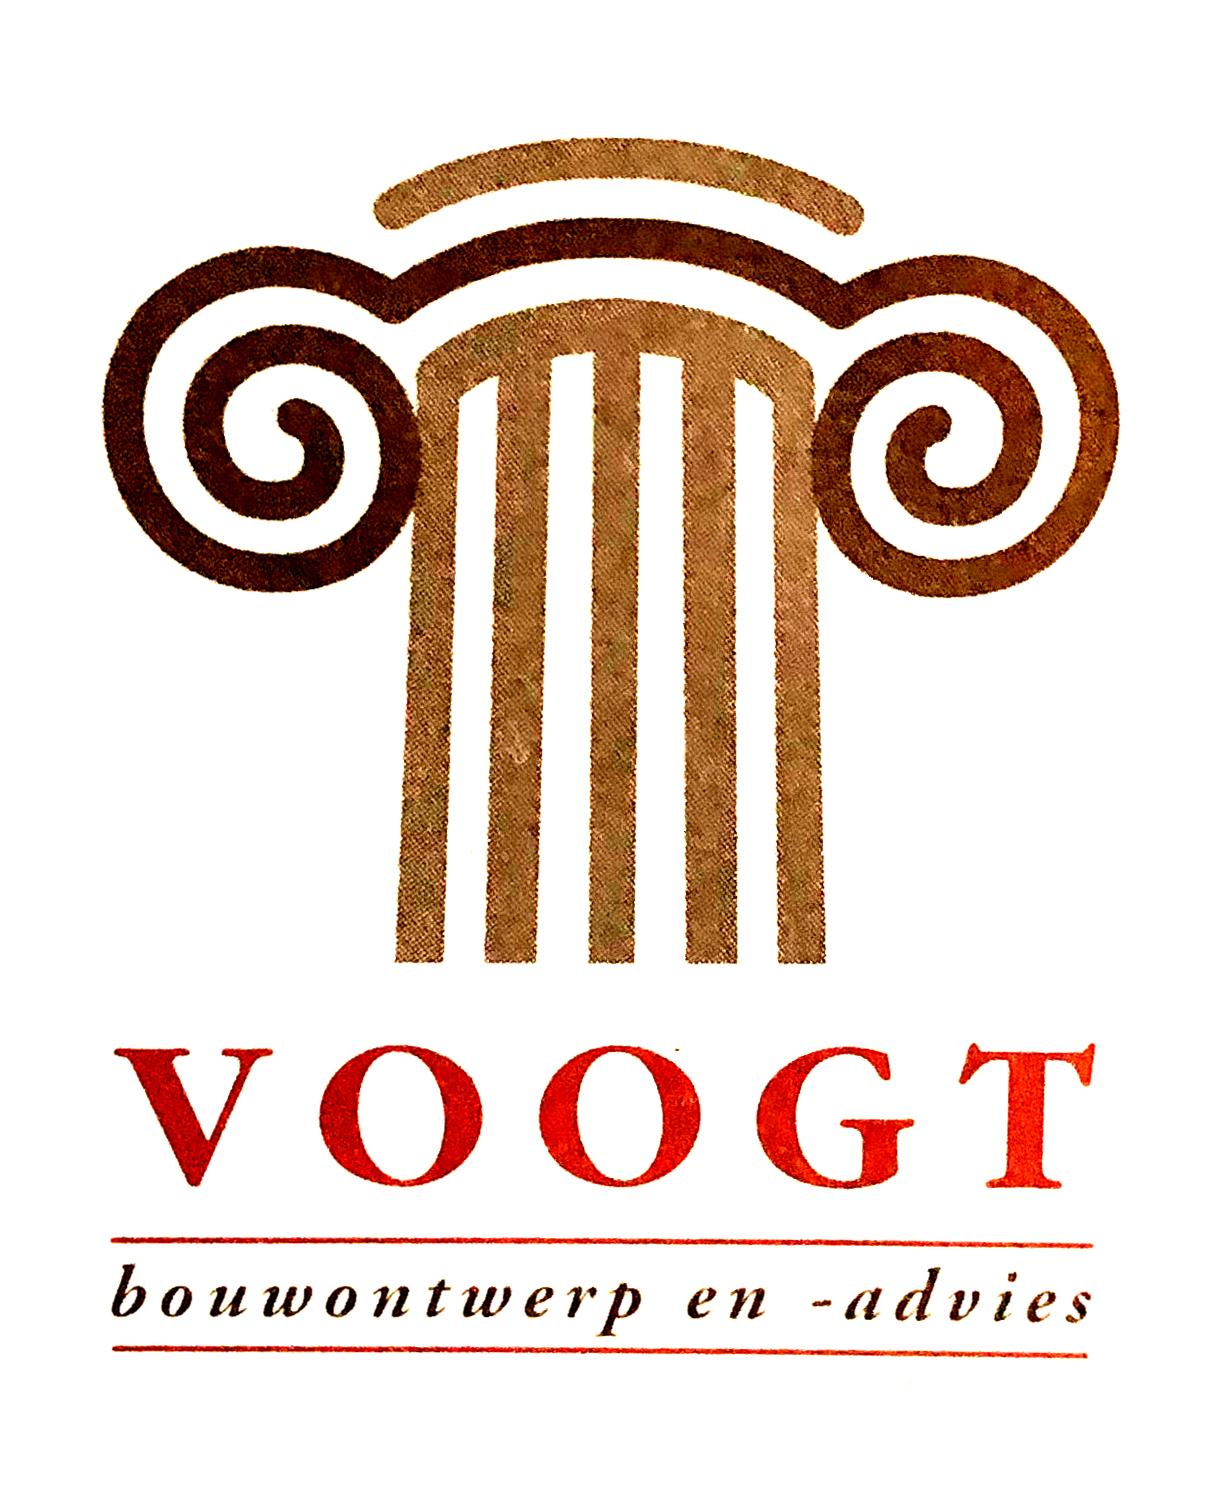 logo voogt